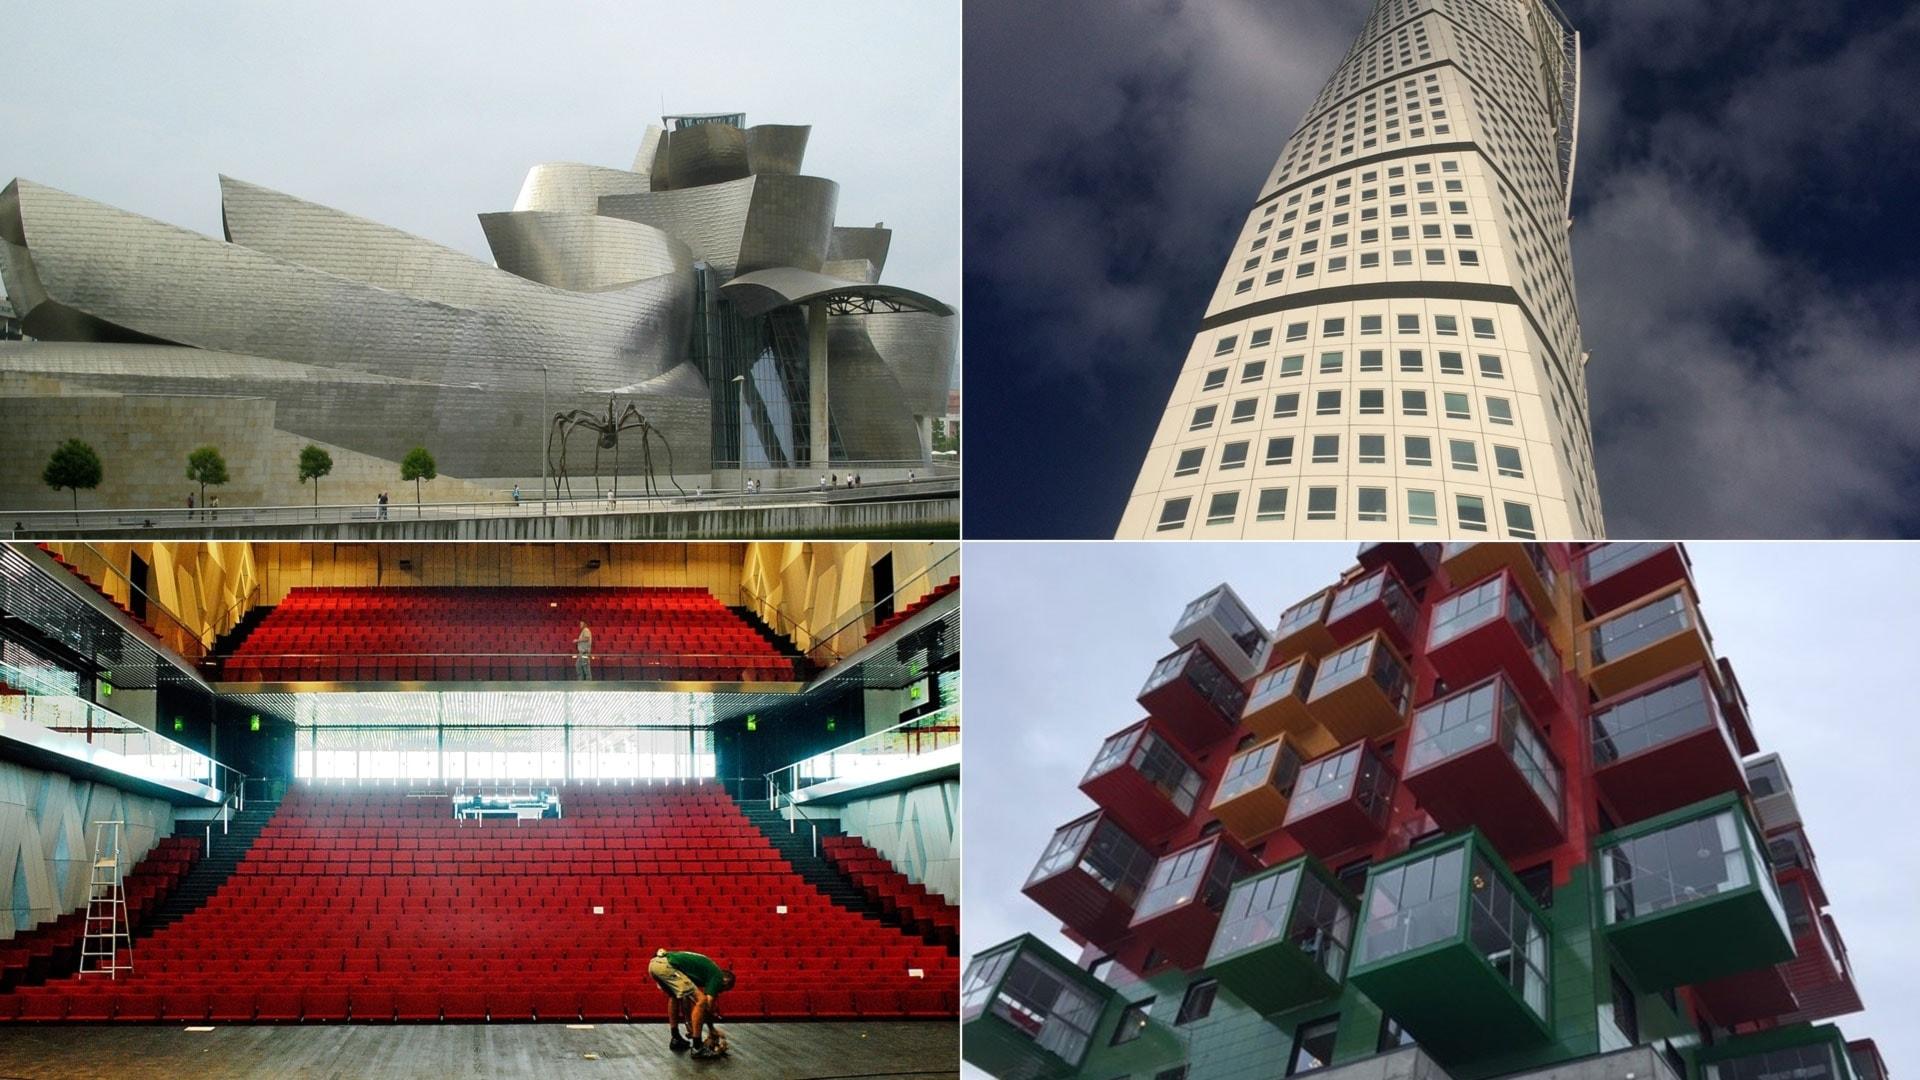 Bilbaoeffekten. Del 1 i P1 Kulturs serie om signaturbyggnader